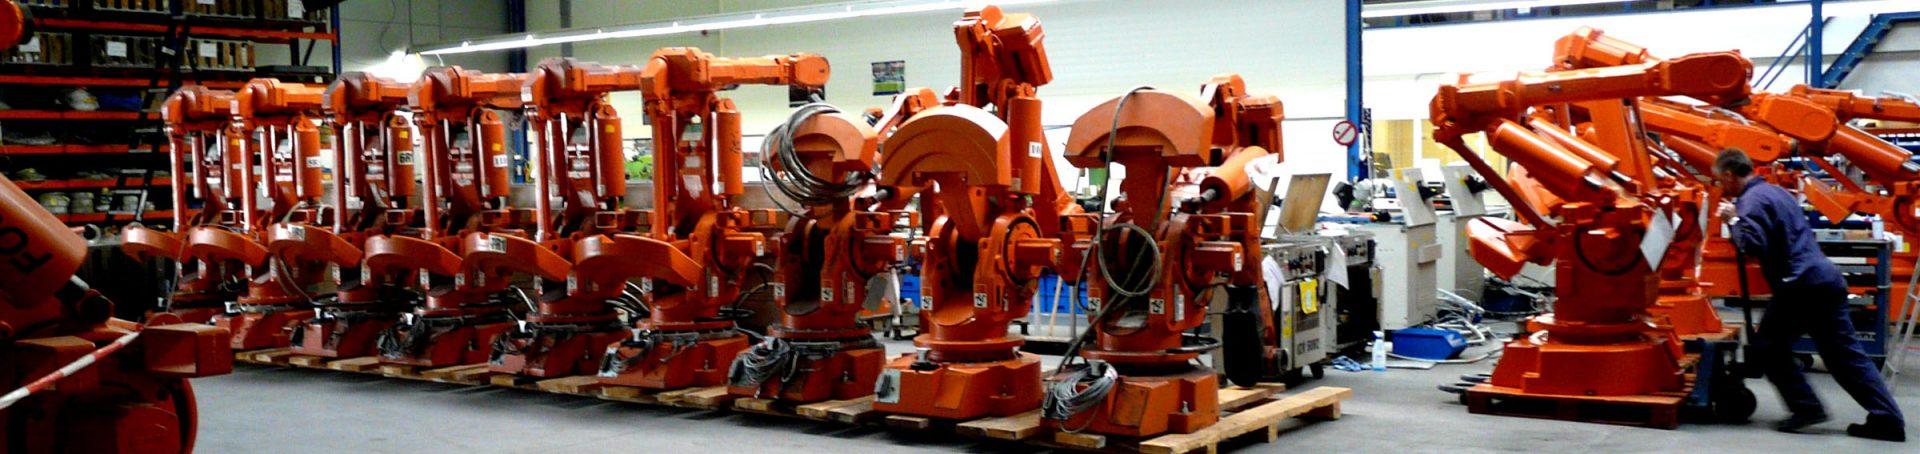 Roboter-Ersatzteile